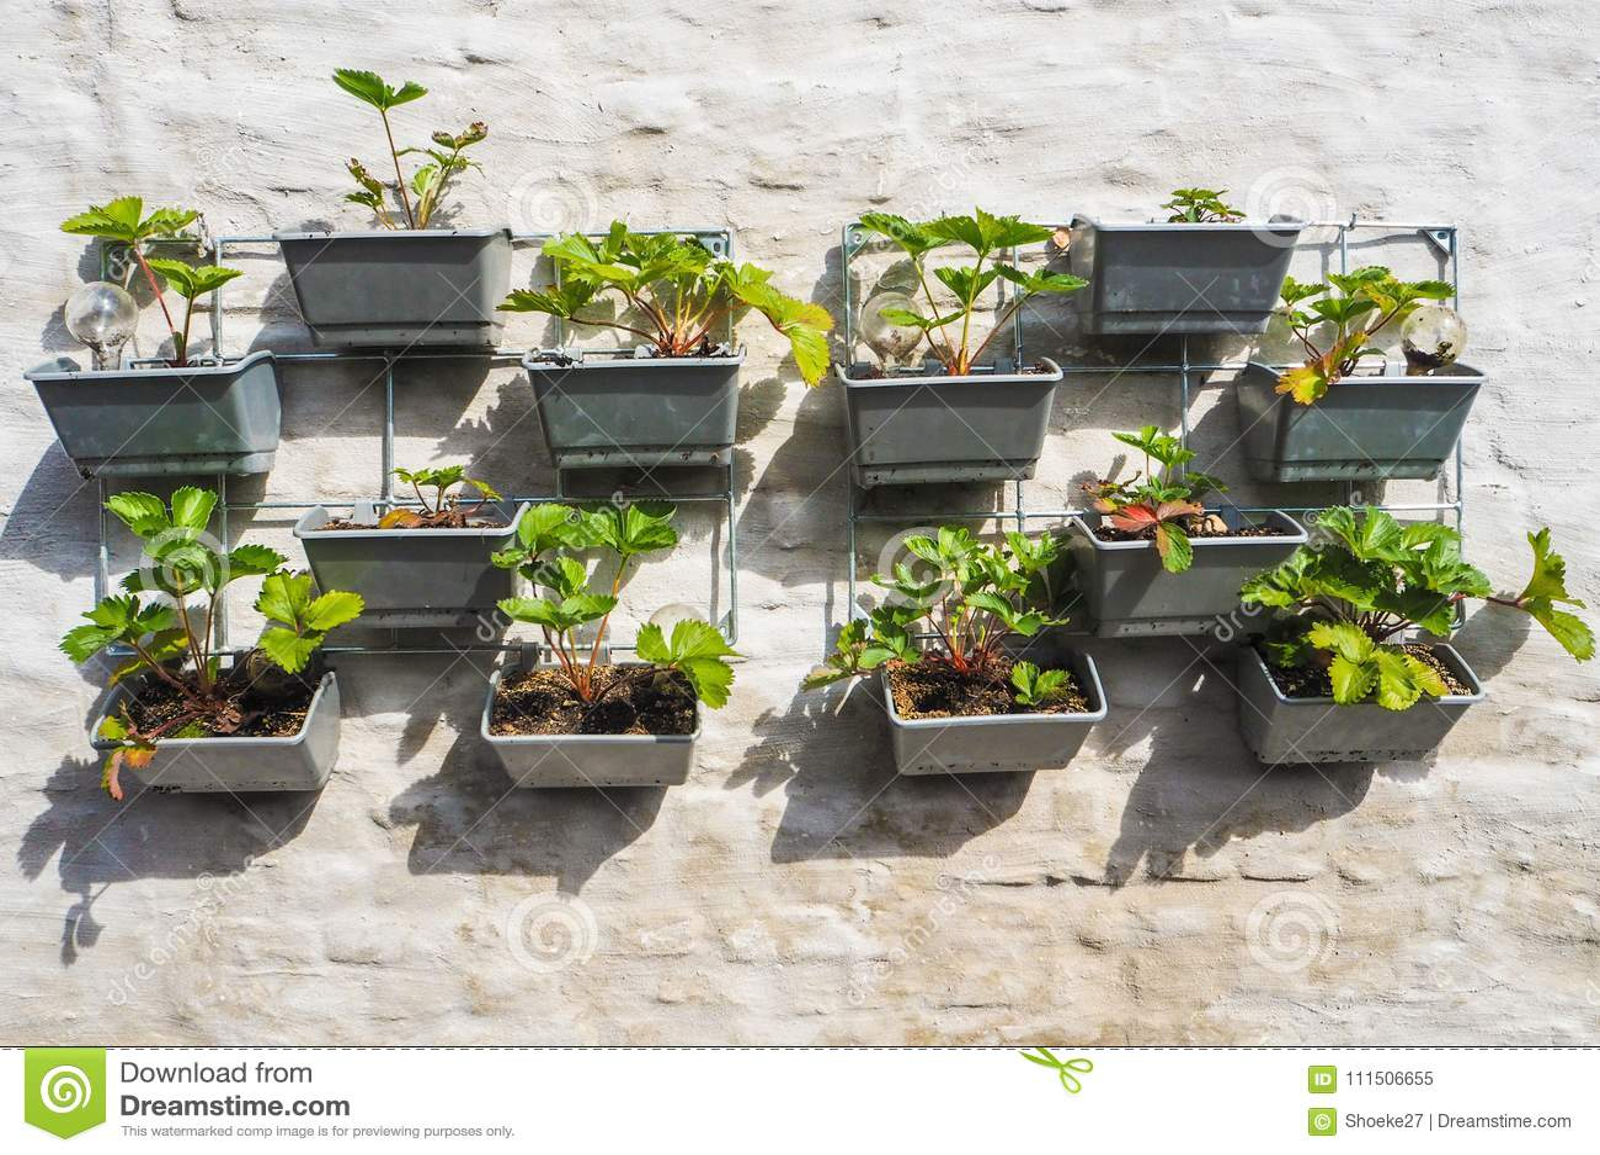 Verticale kruidentuin op kantoor deel tuin en balkon